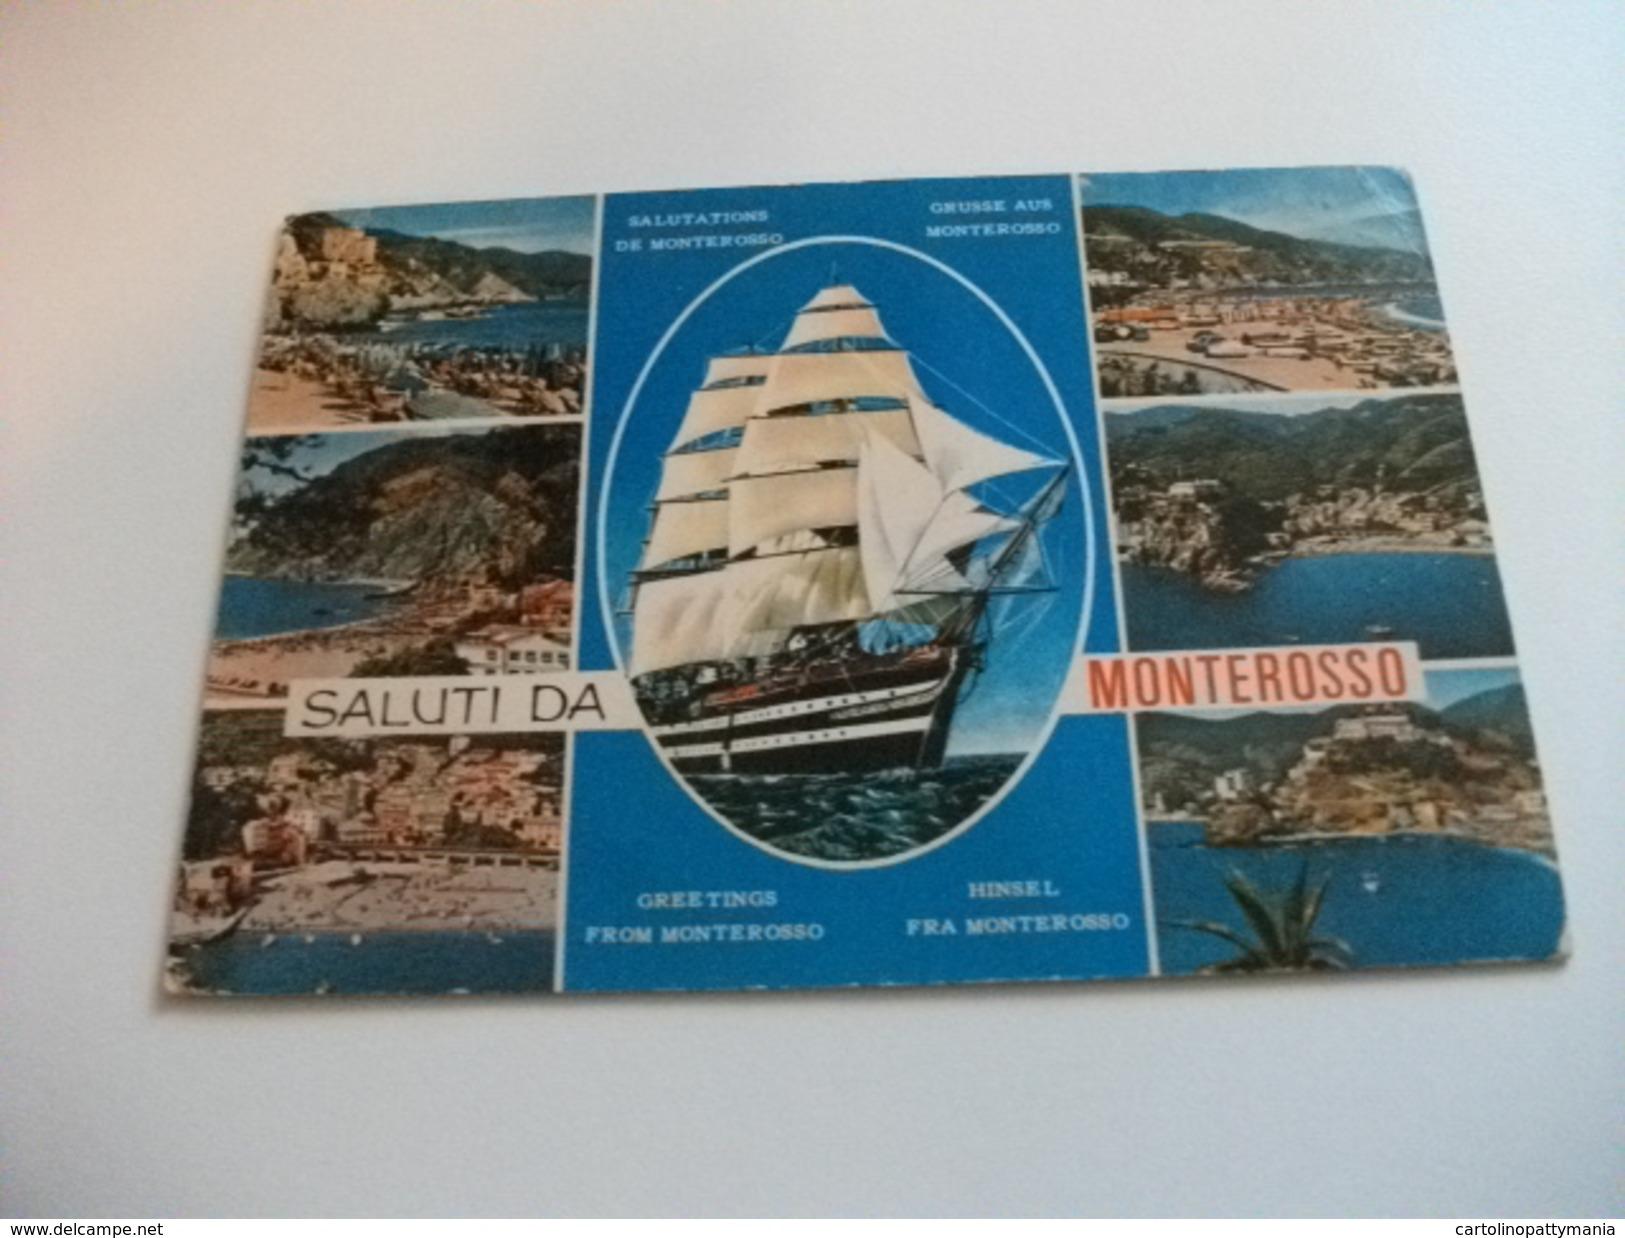 NAVE SHIP VELIERO AMERIGO VESPUCCI SALUTI DA MONTEROSSO VEDUTINE LIGURIA - Voiliers